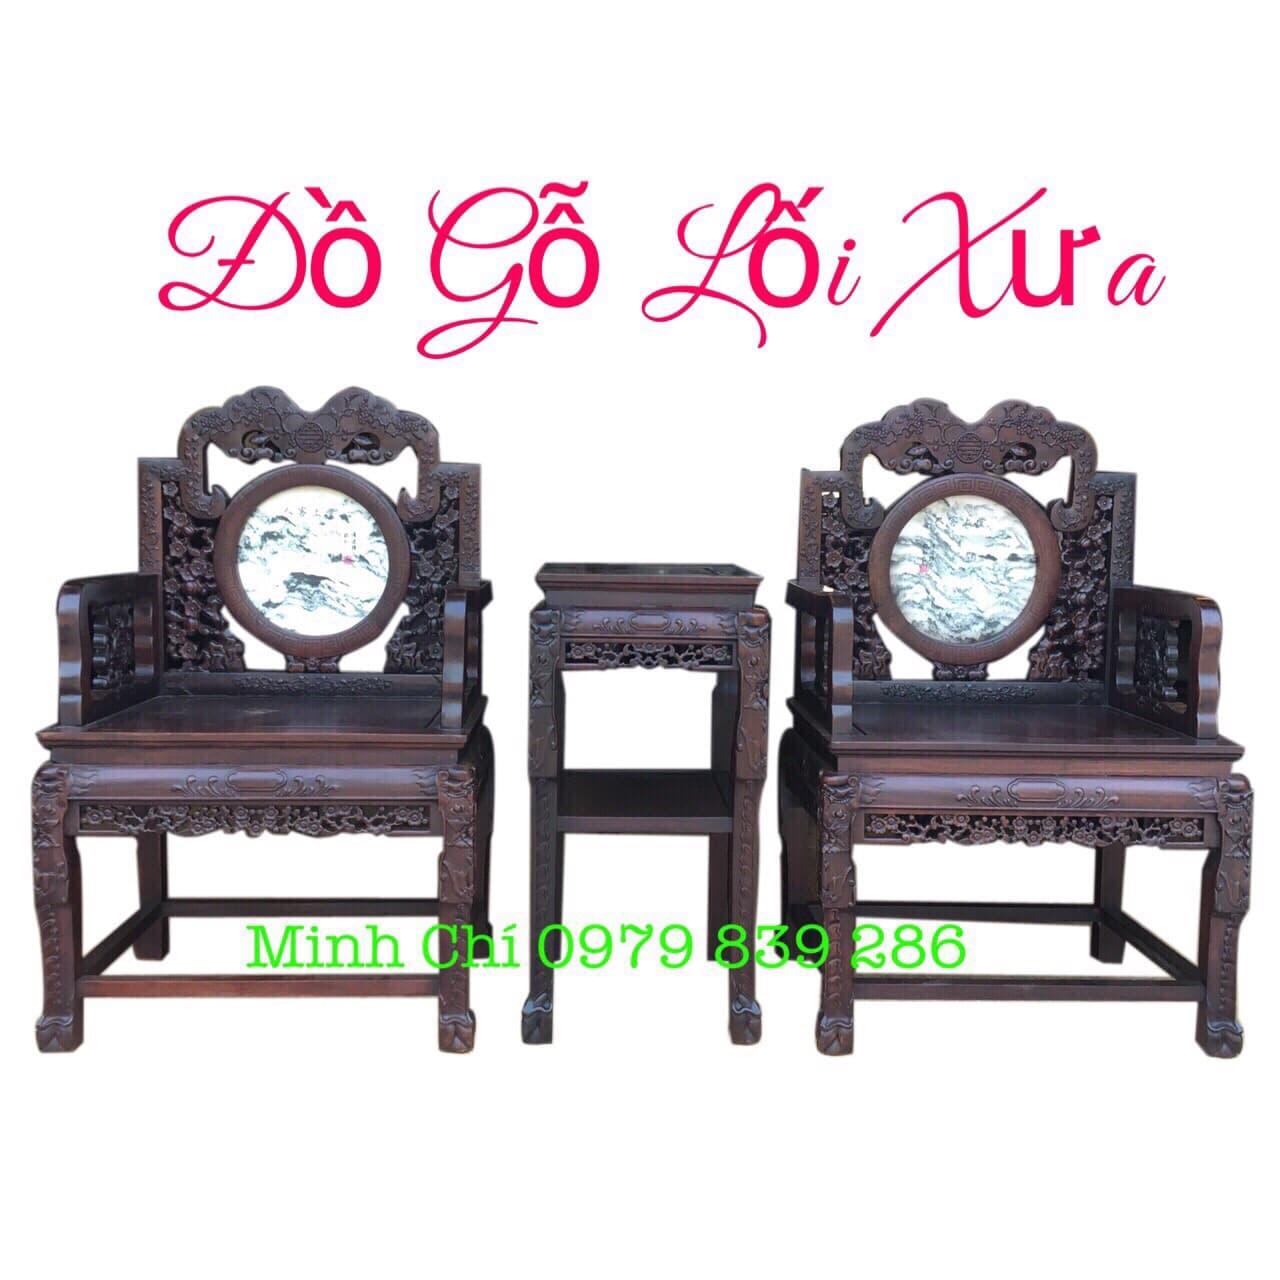 Bộ-Bàn-Ghế-Vách-Hoa-Mai